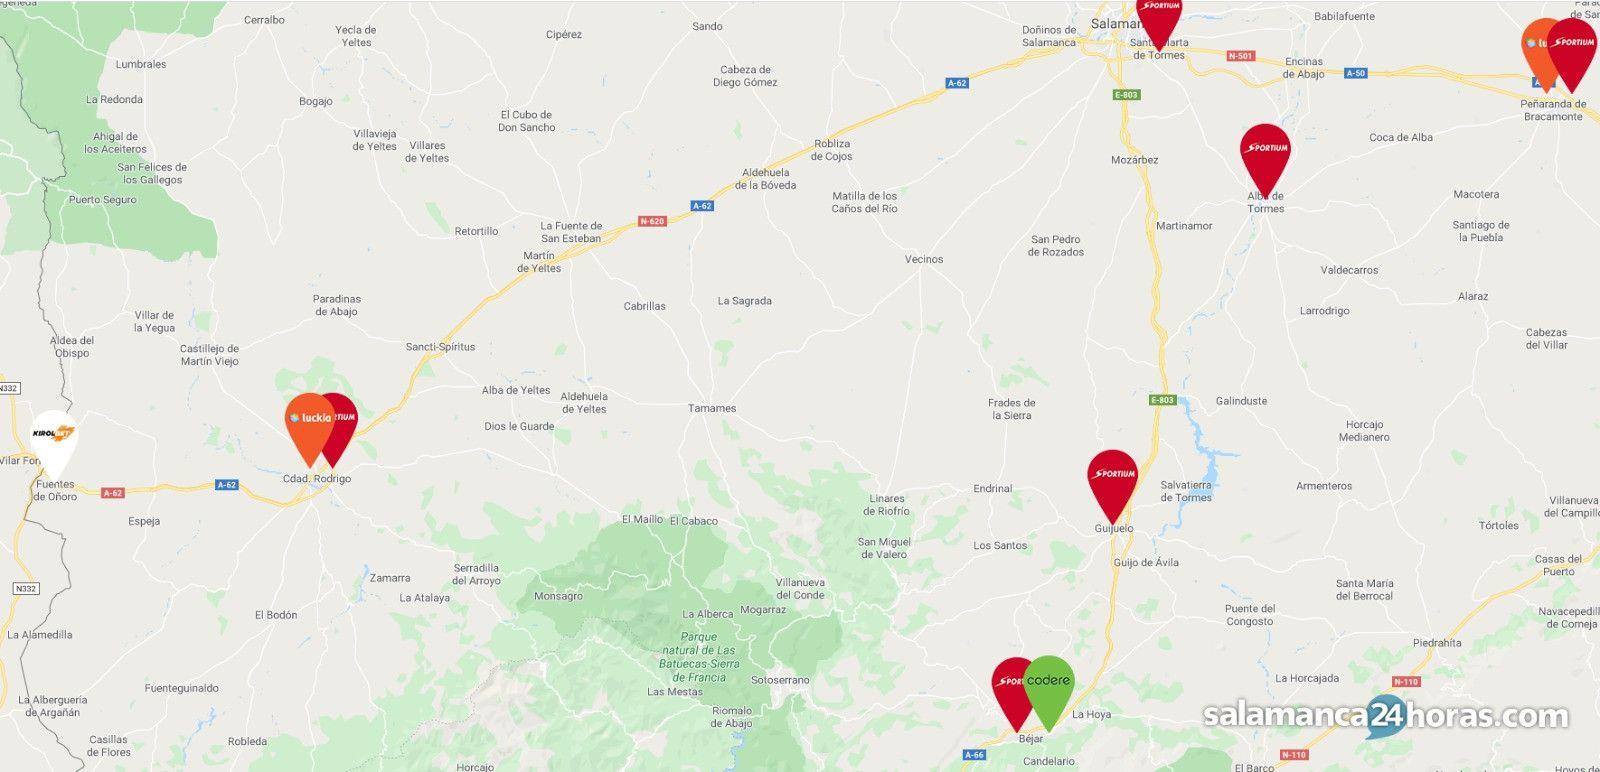 mapa de casas de apuestas en la provincia